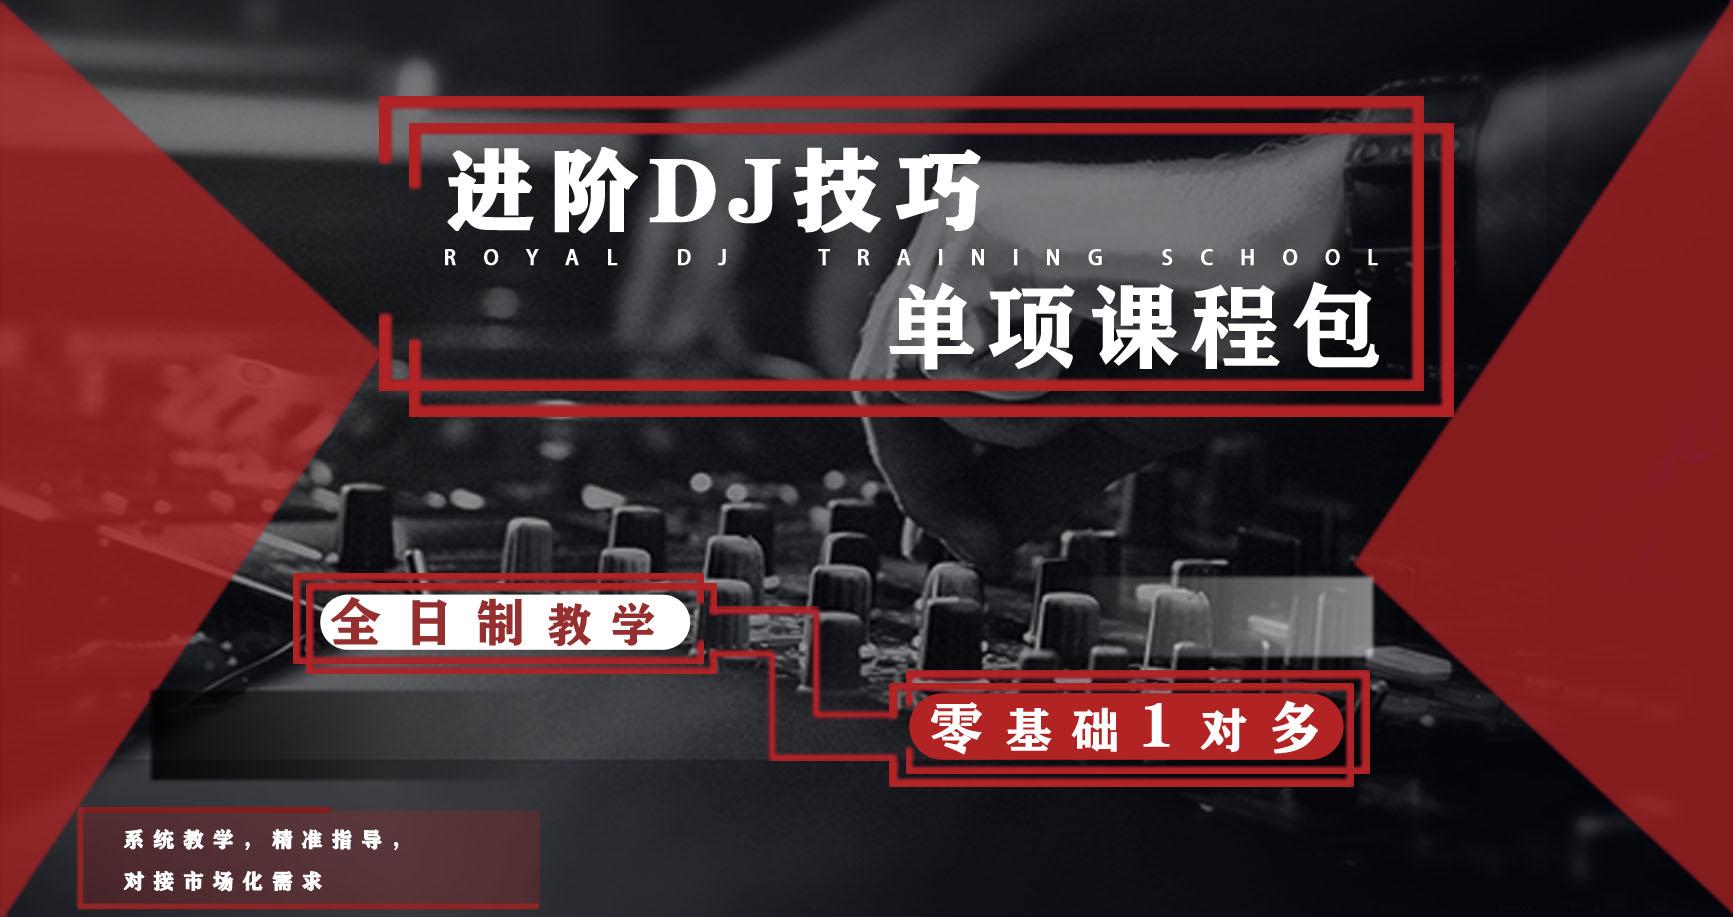 DJ/MC高级进阶课程包